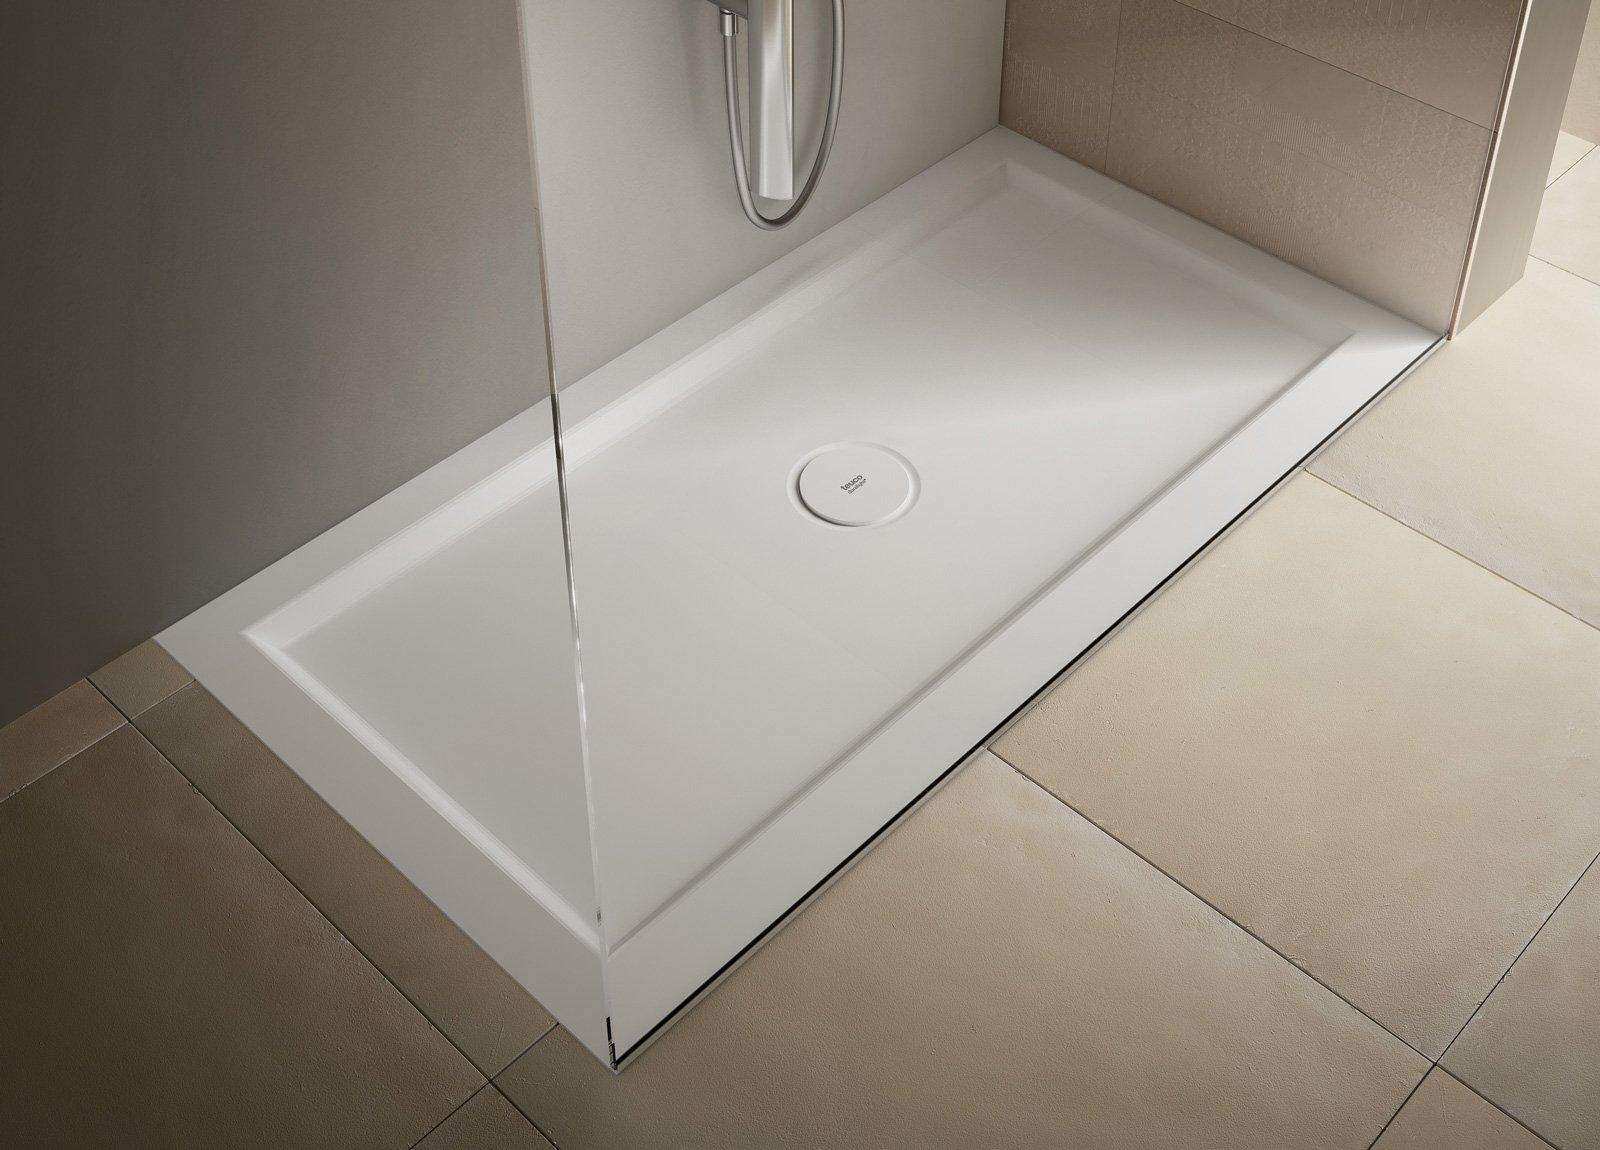 piatto doccia irregolare 70x : Illuminazione Piatto Doccia : Illuminazione Doccia Normativa: Una casa ...